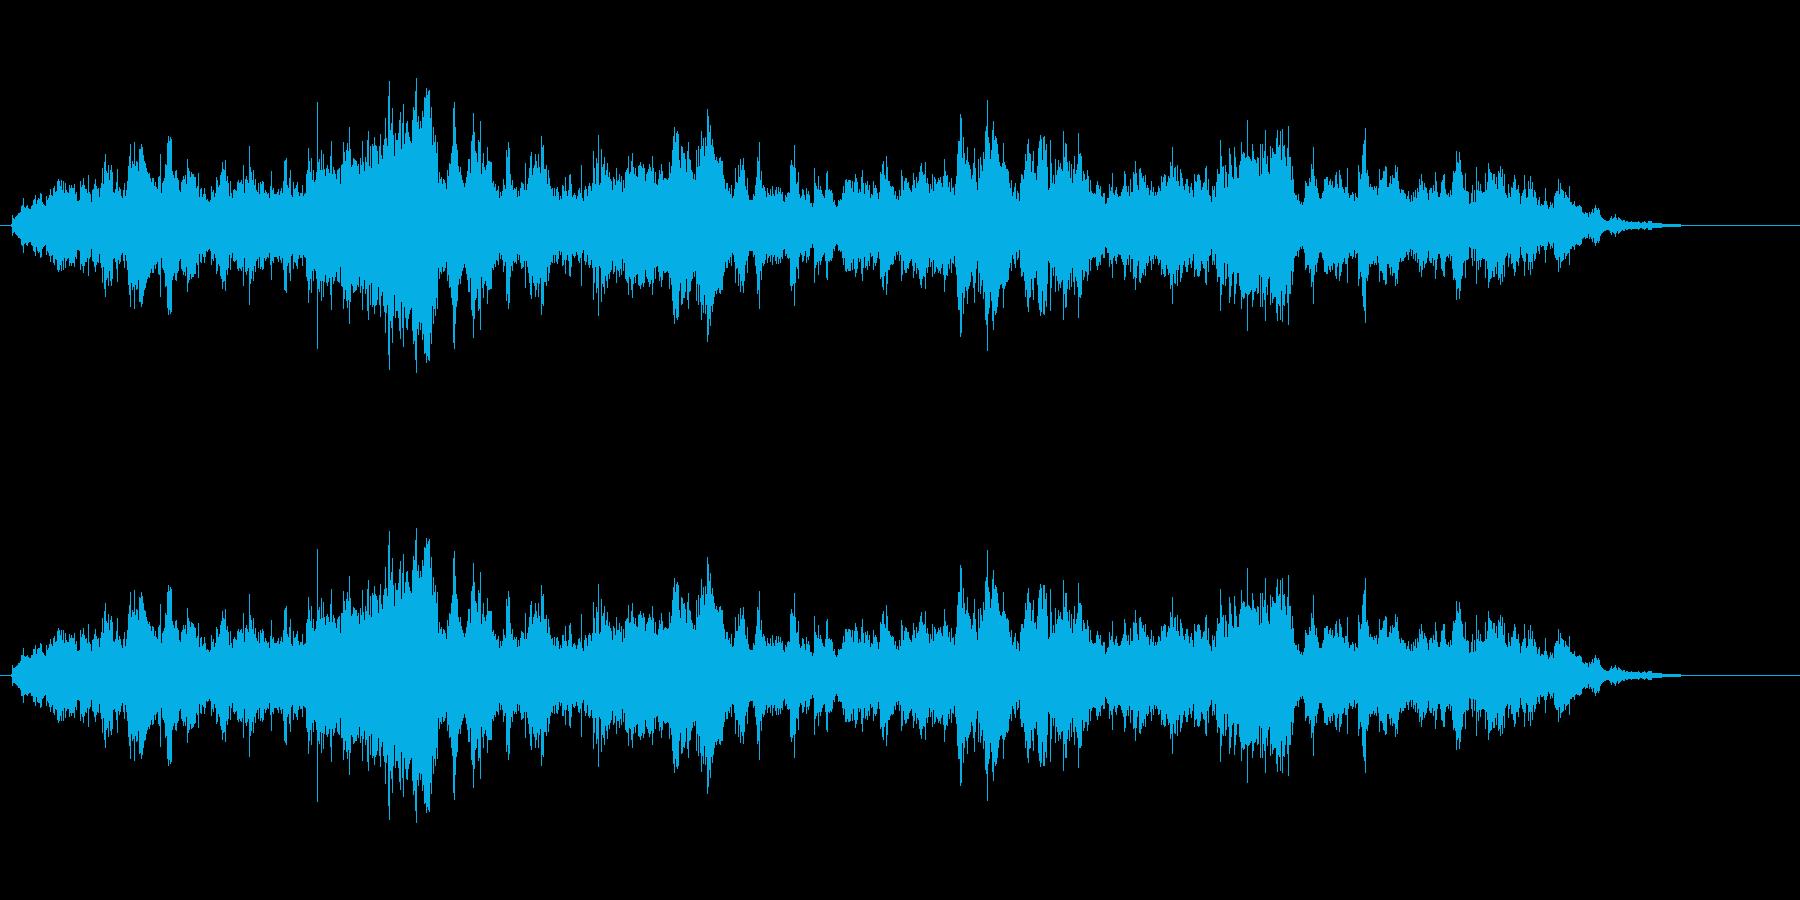 気持ち悪い、耳障り、 具合が悪くなる音2の再生済みの波形